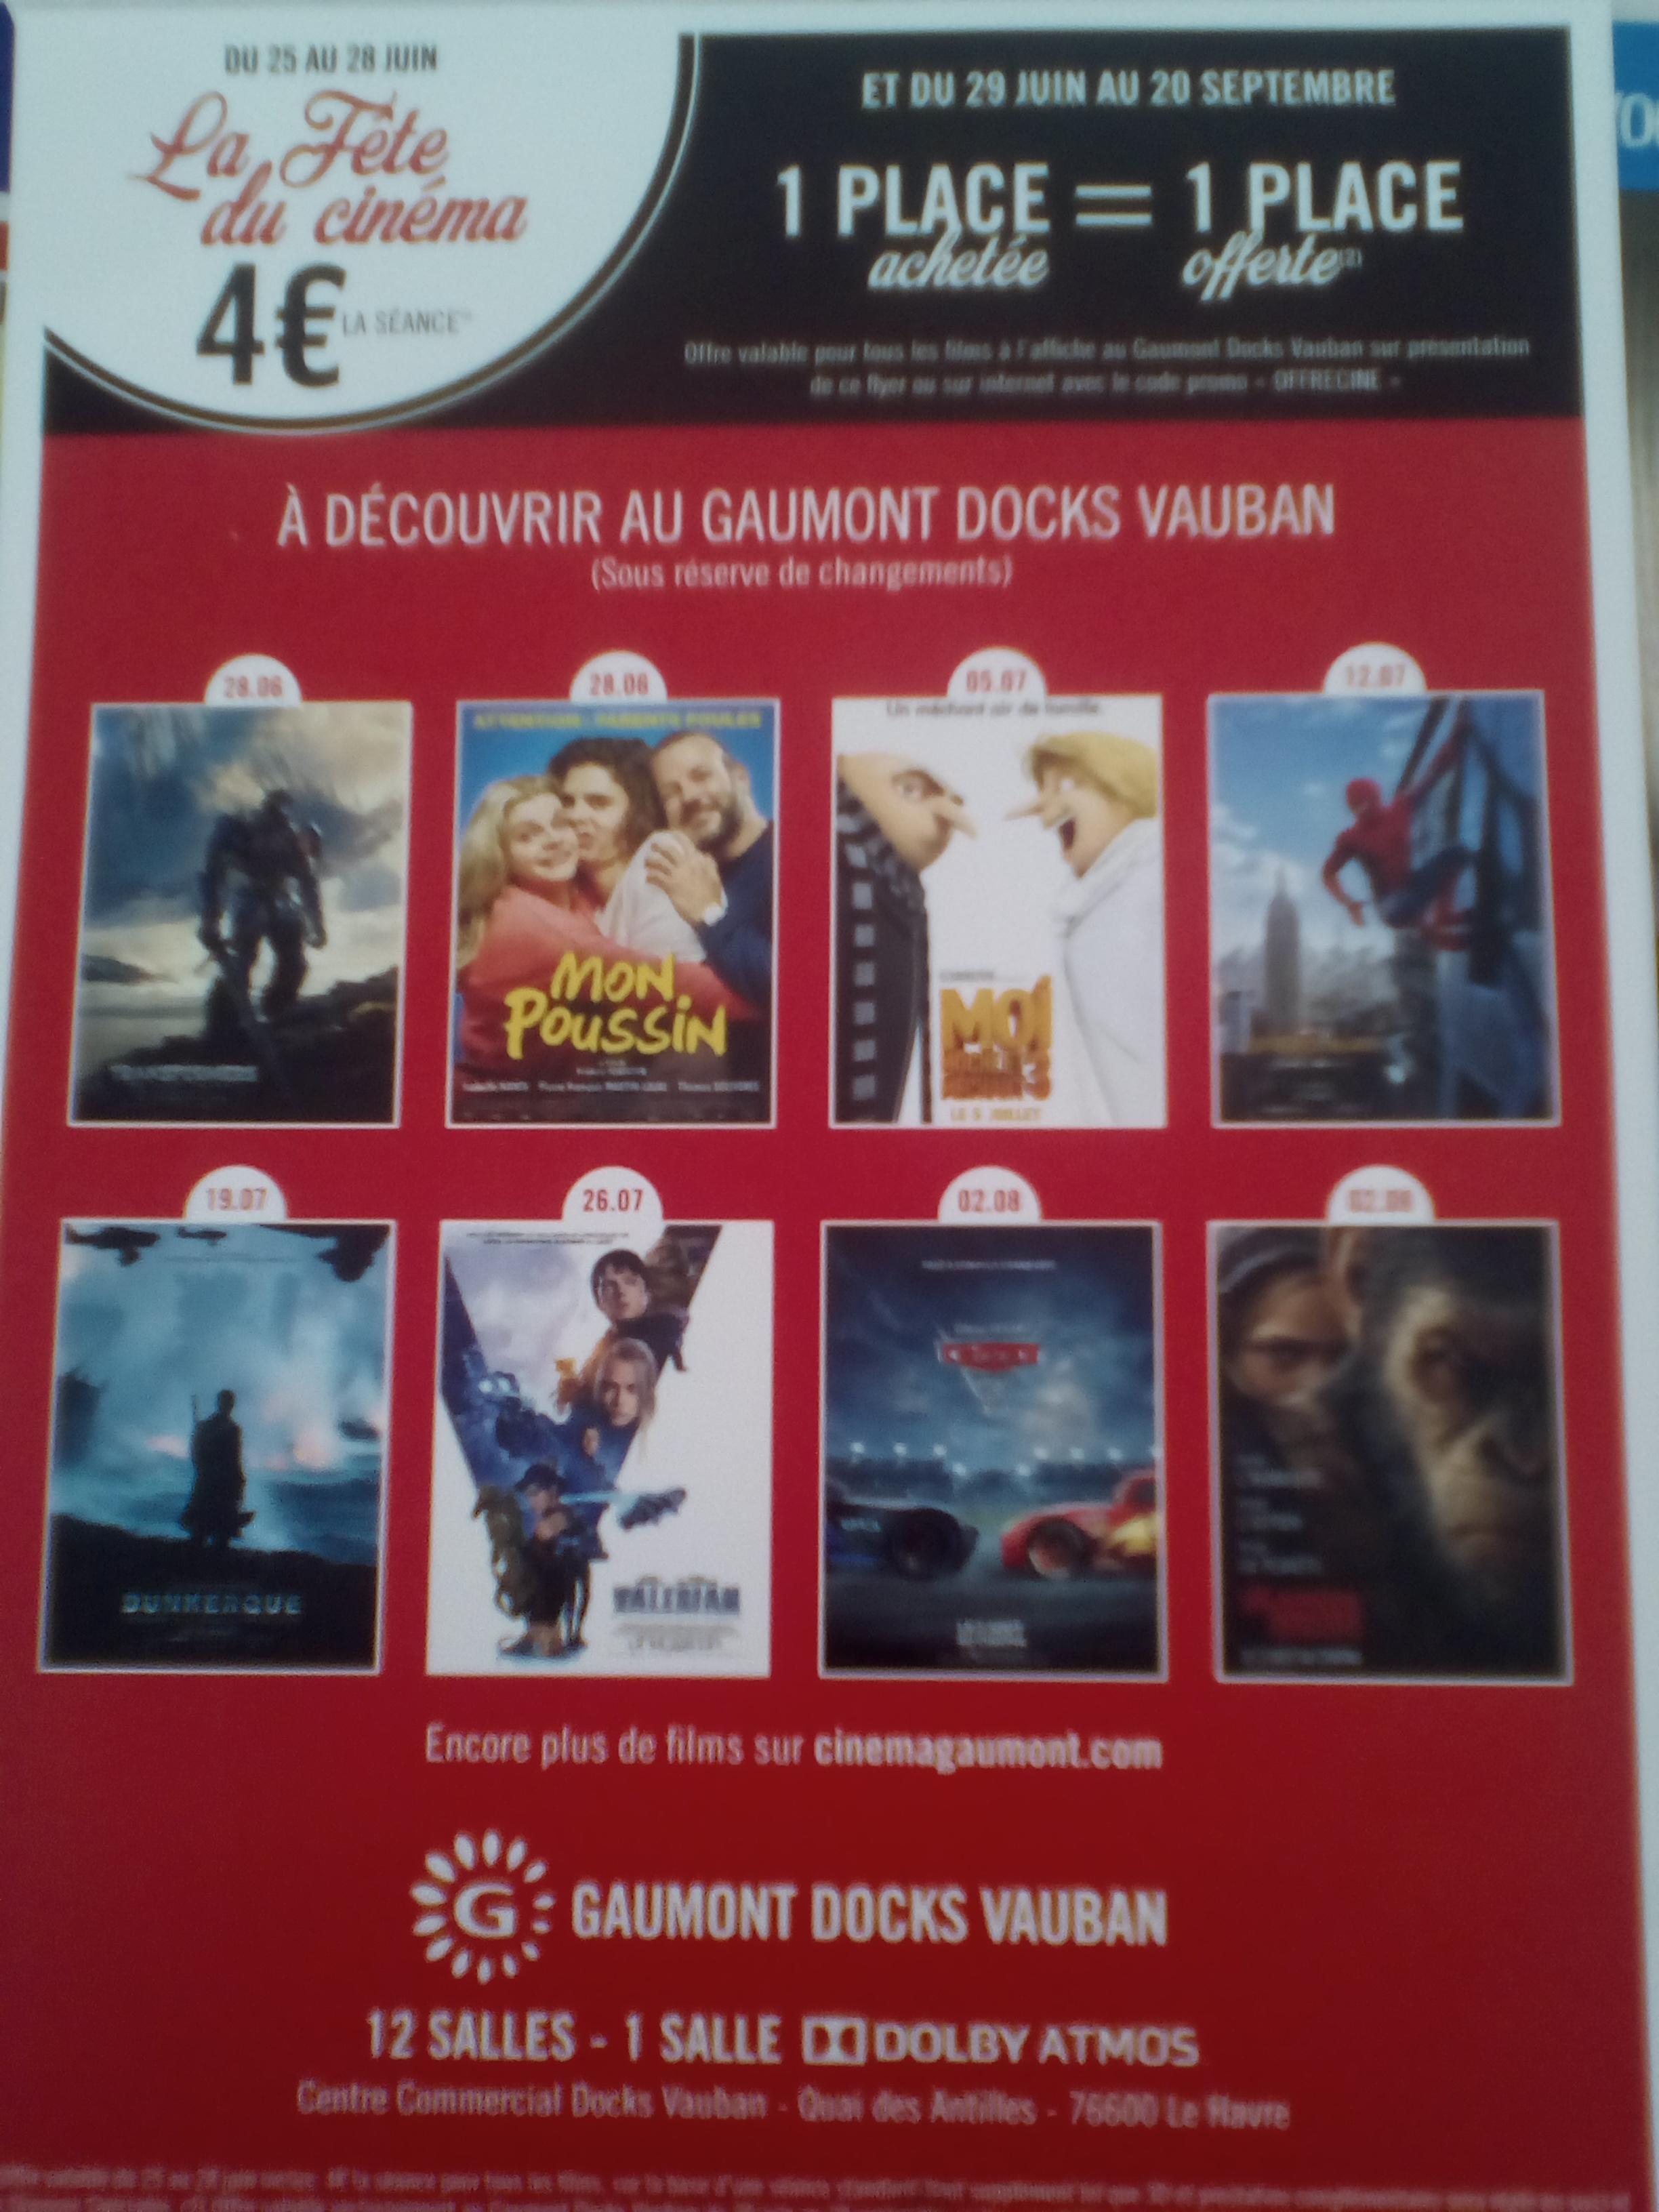 1 Place de cinéma achetée = La 2éme offerte, soit 4€ les 2 Places